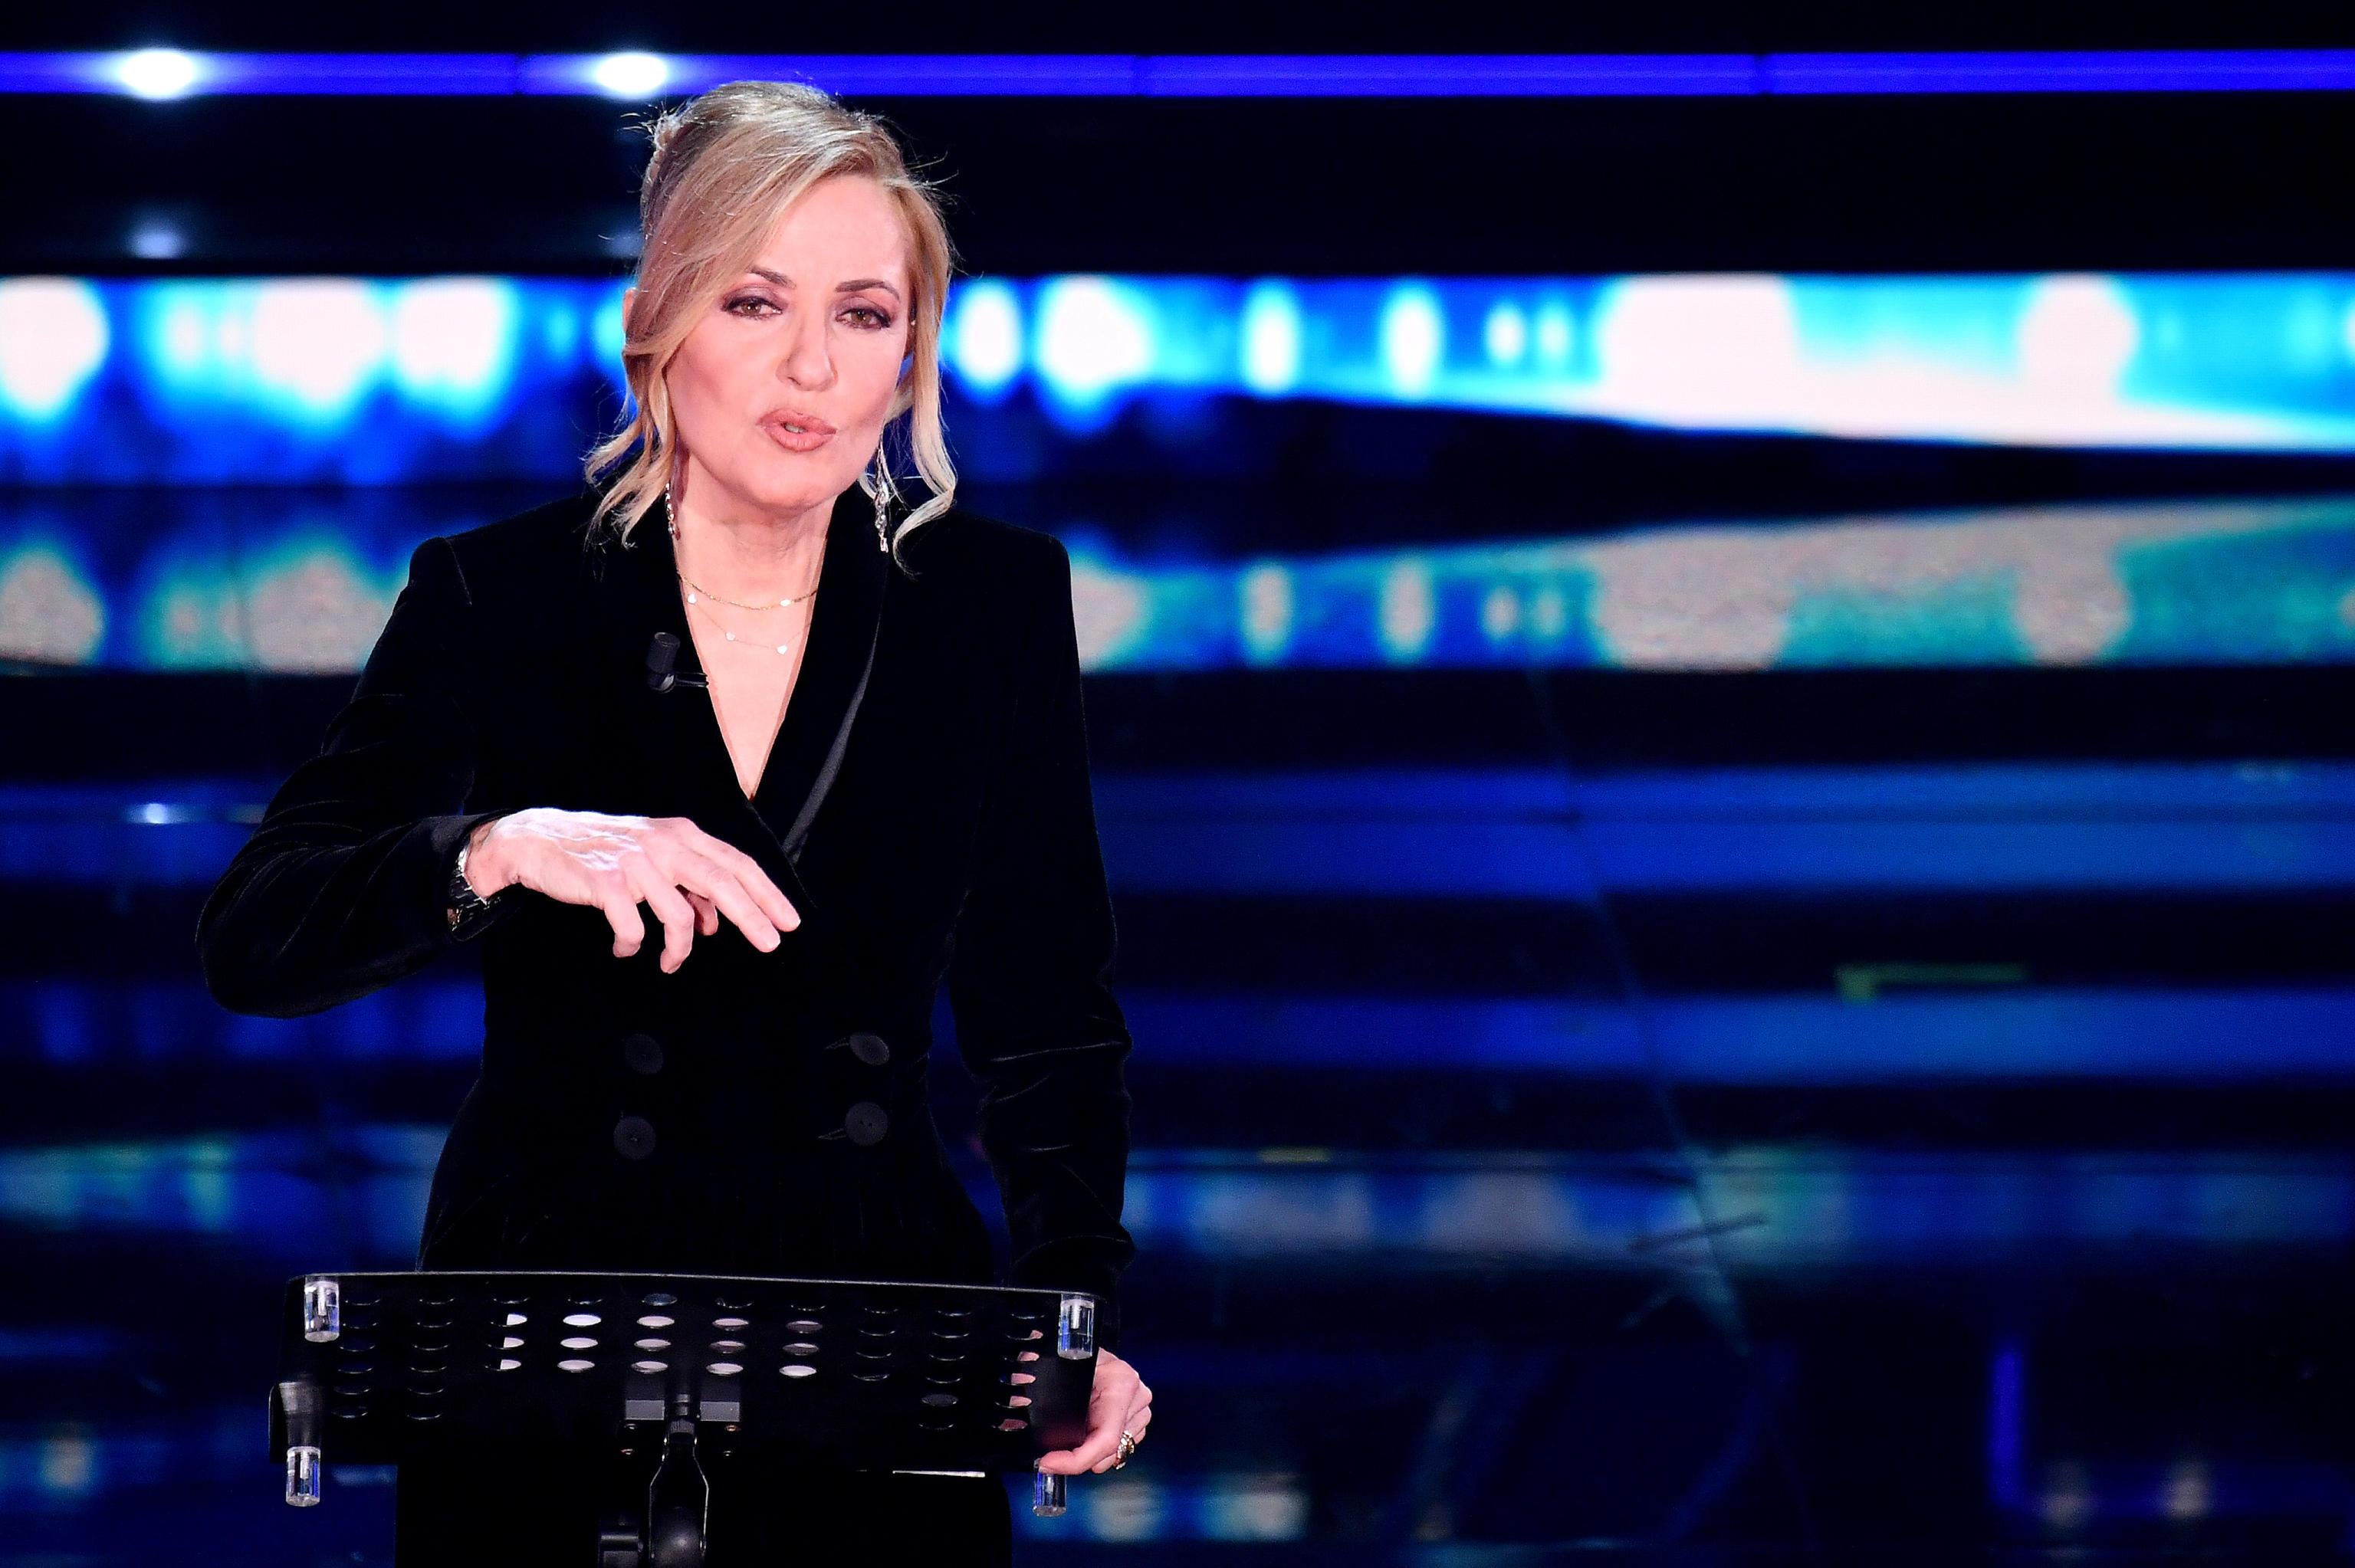 Il monologo di Barbara Palombelli a Sanremo: «Ragazze ribellatevi sempre, non vi fermate e andate incontro al futuro» – Il video